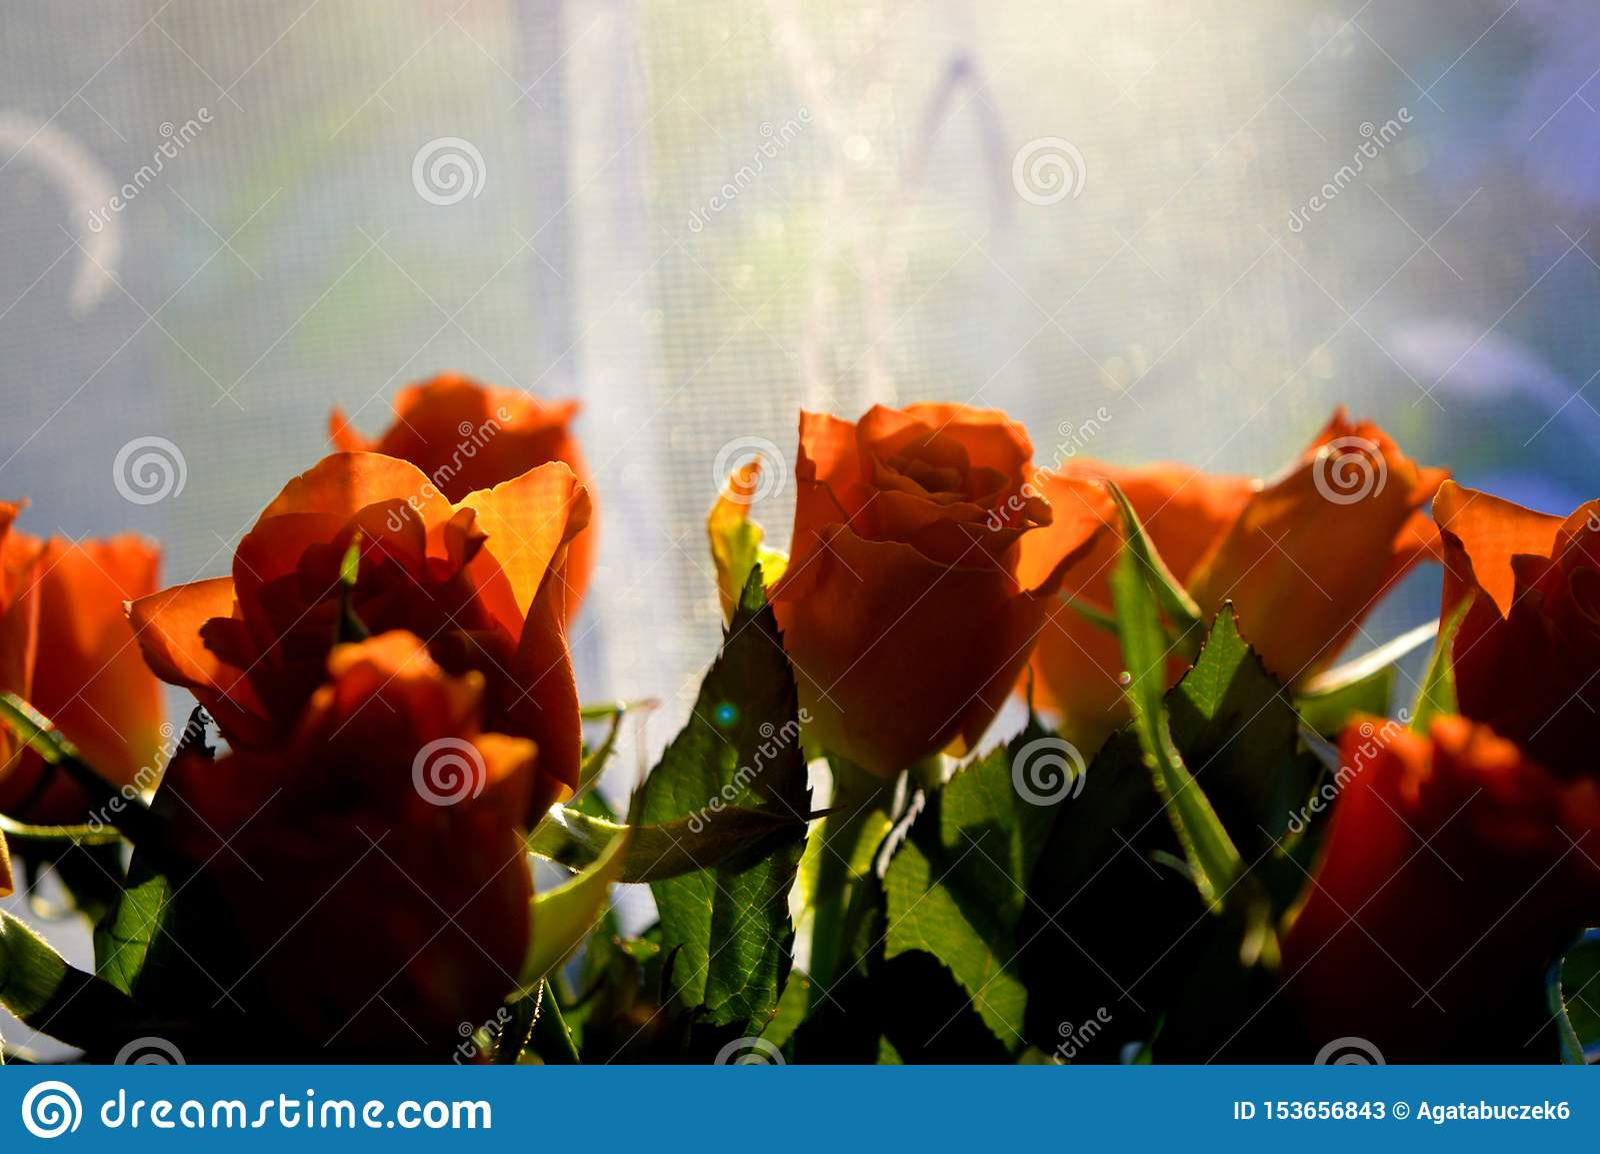 Rose arancio su un fondo blu e bianco